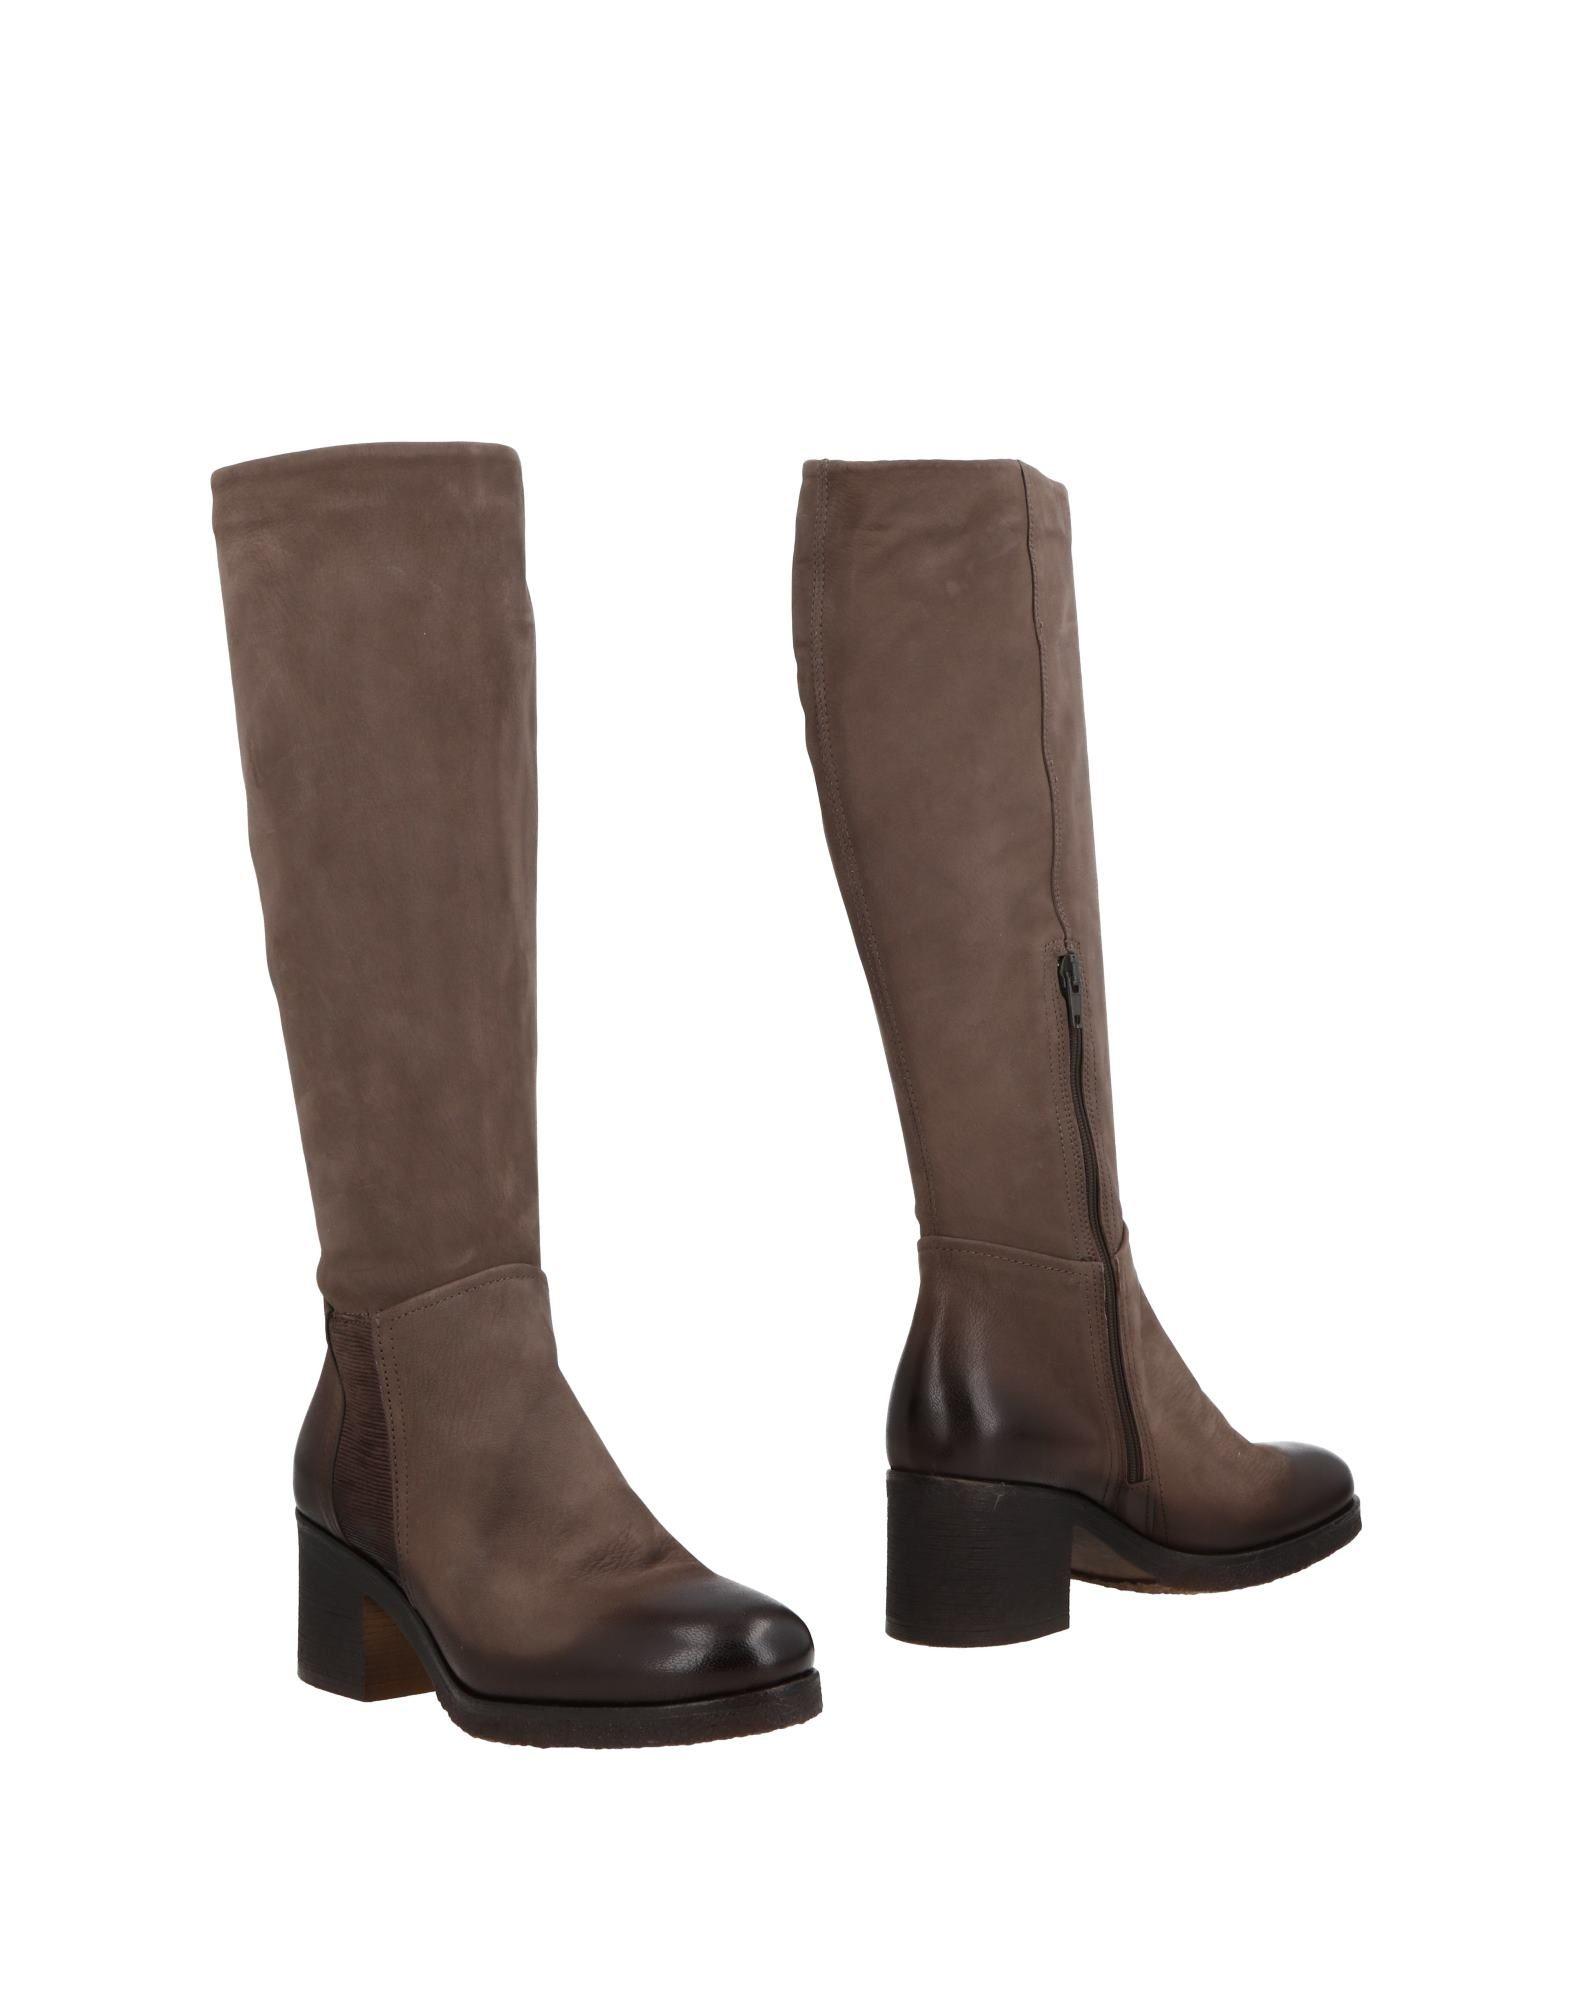 Fabbrica Deicolli Stiefel Damen  11500906UI Gute Qualität beliebte Schuhe